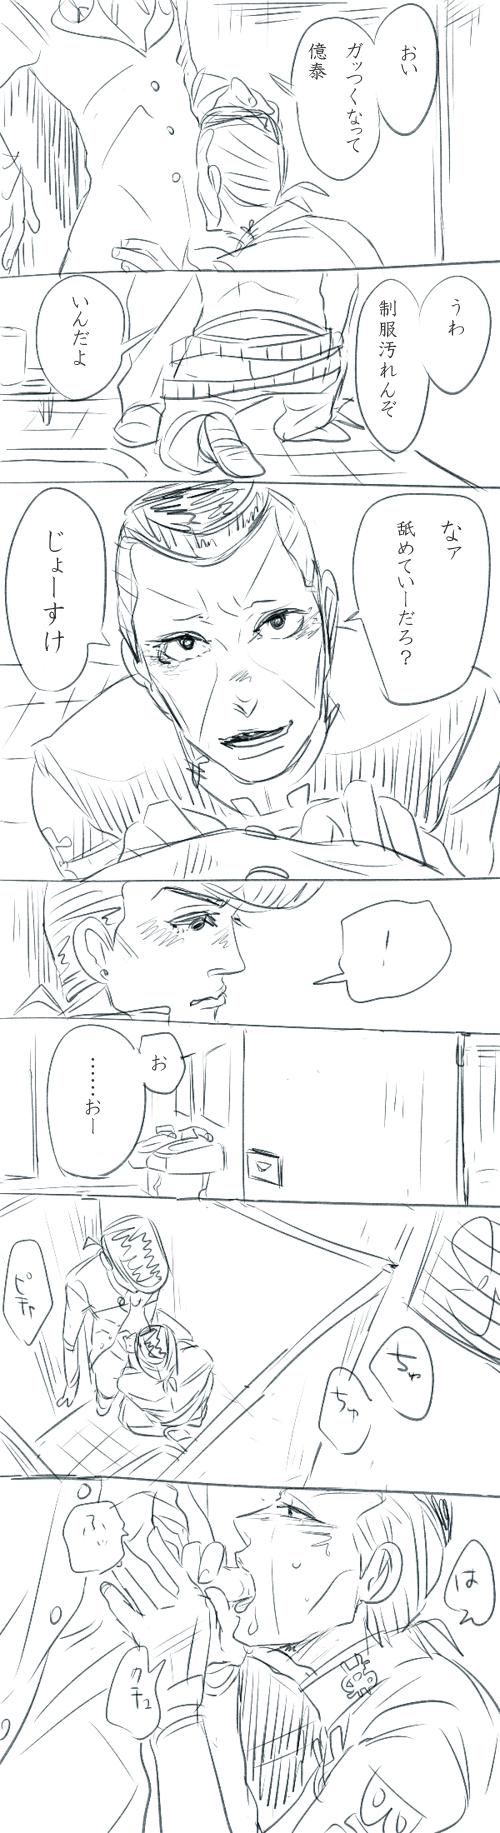 refrence that is jojo a Yo-kai watch whisper